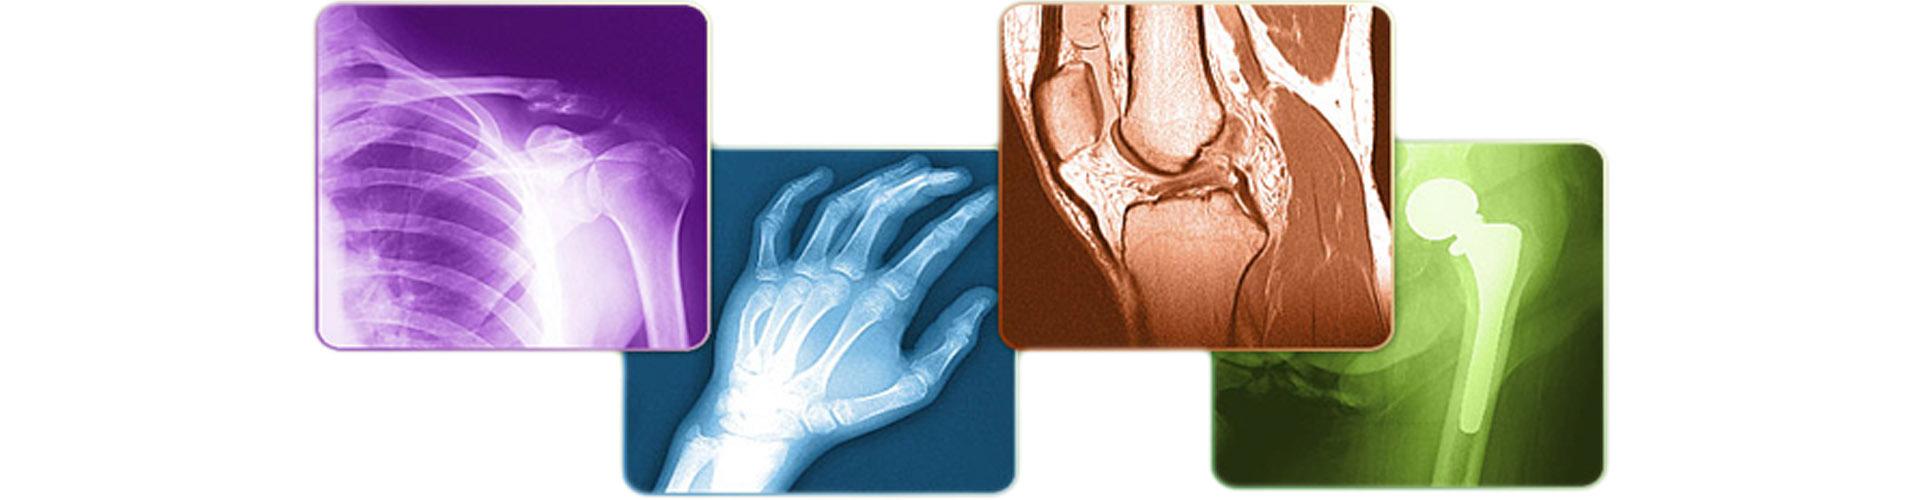 orthopaidikes-upiresies